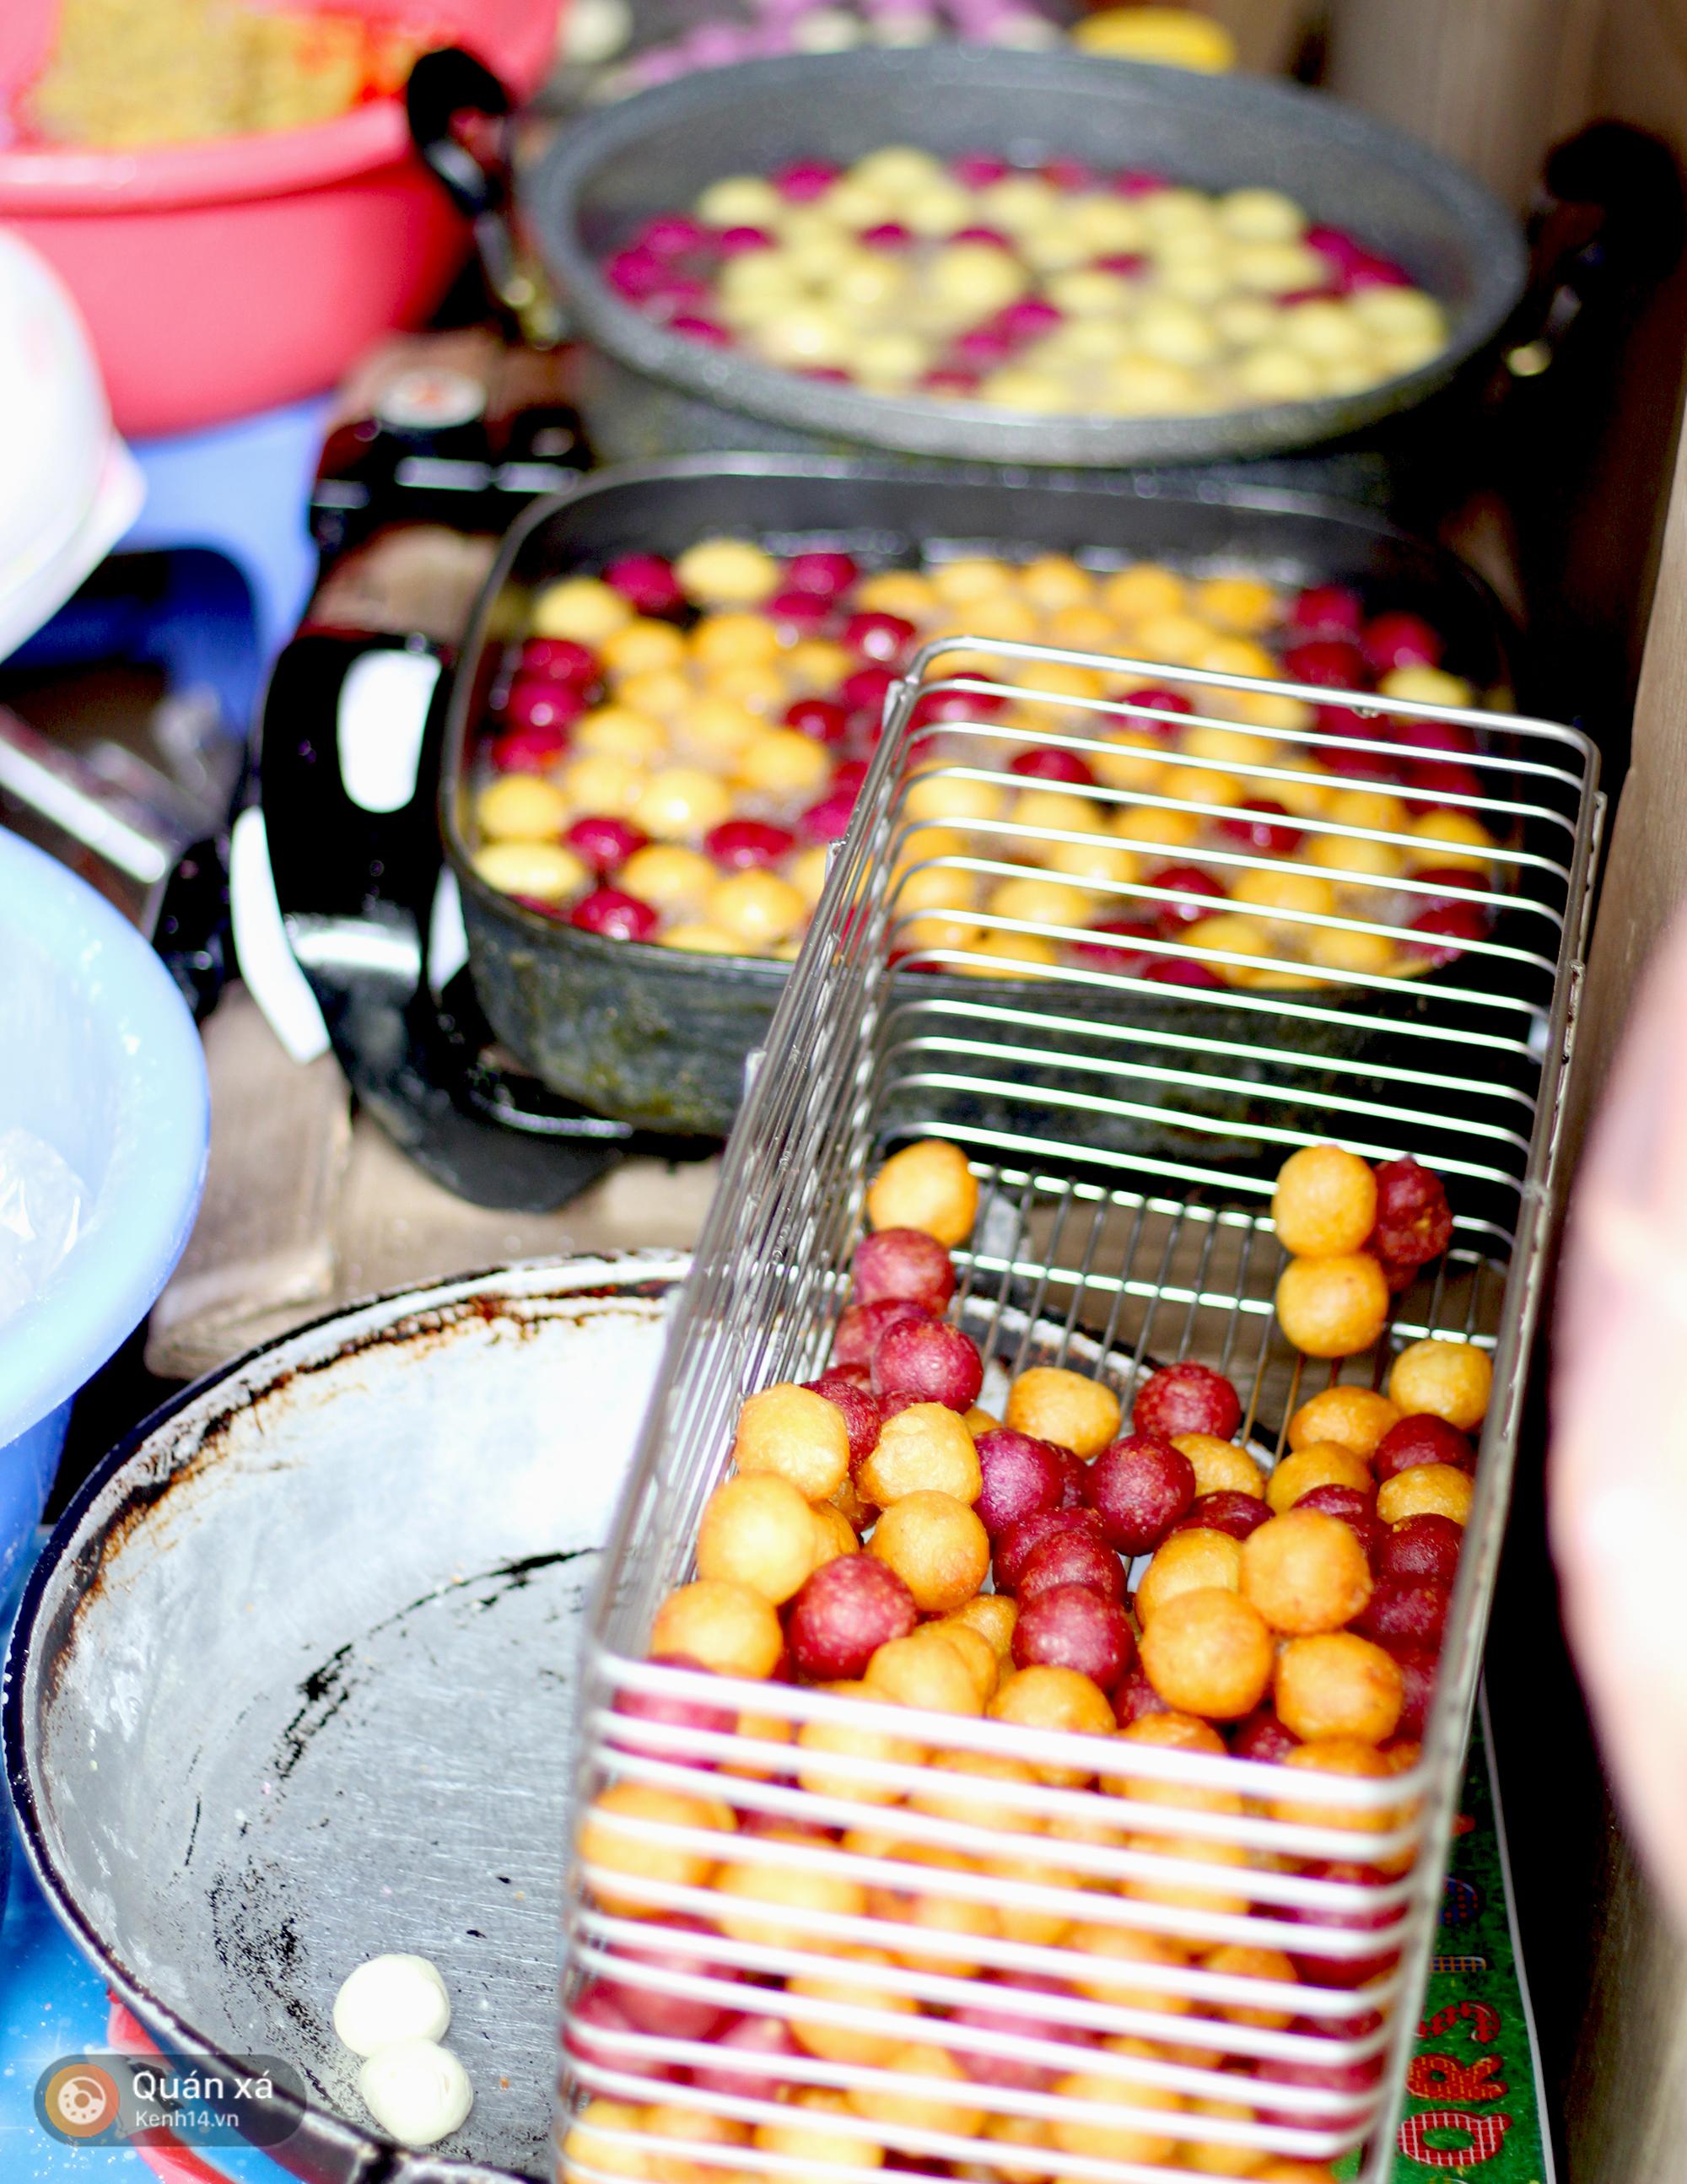 Bánh rán sống ảo chỉ 500 đồng: ăn ngon mà chụp lên ảnh thì đẹp vô đối - Ảnh 4.